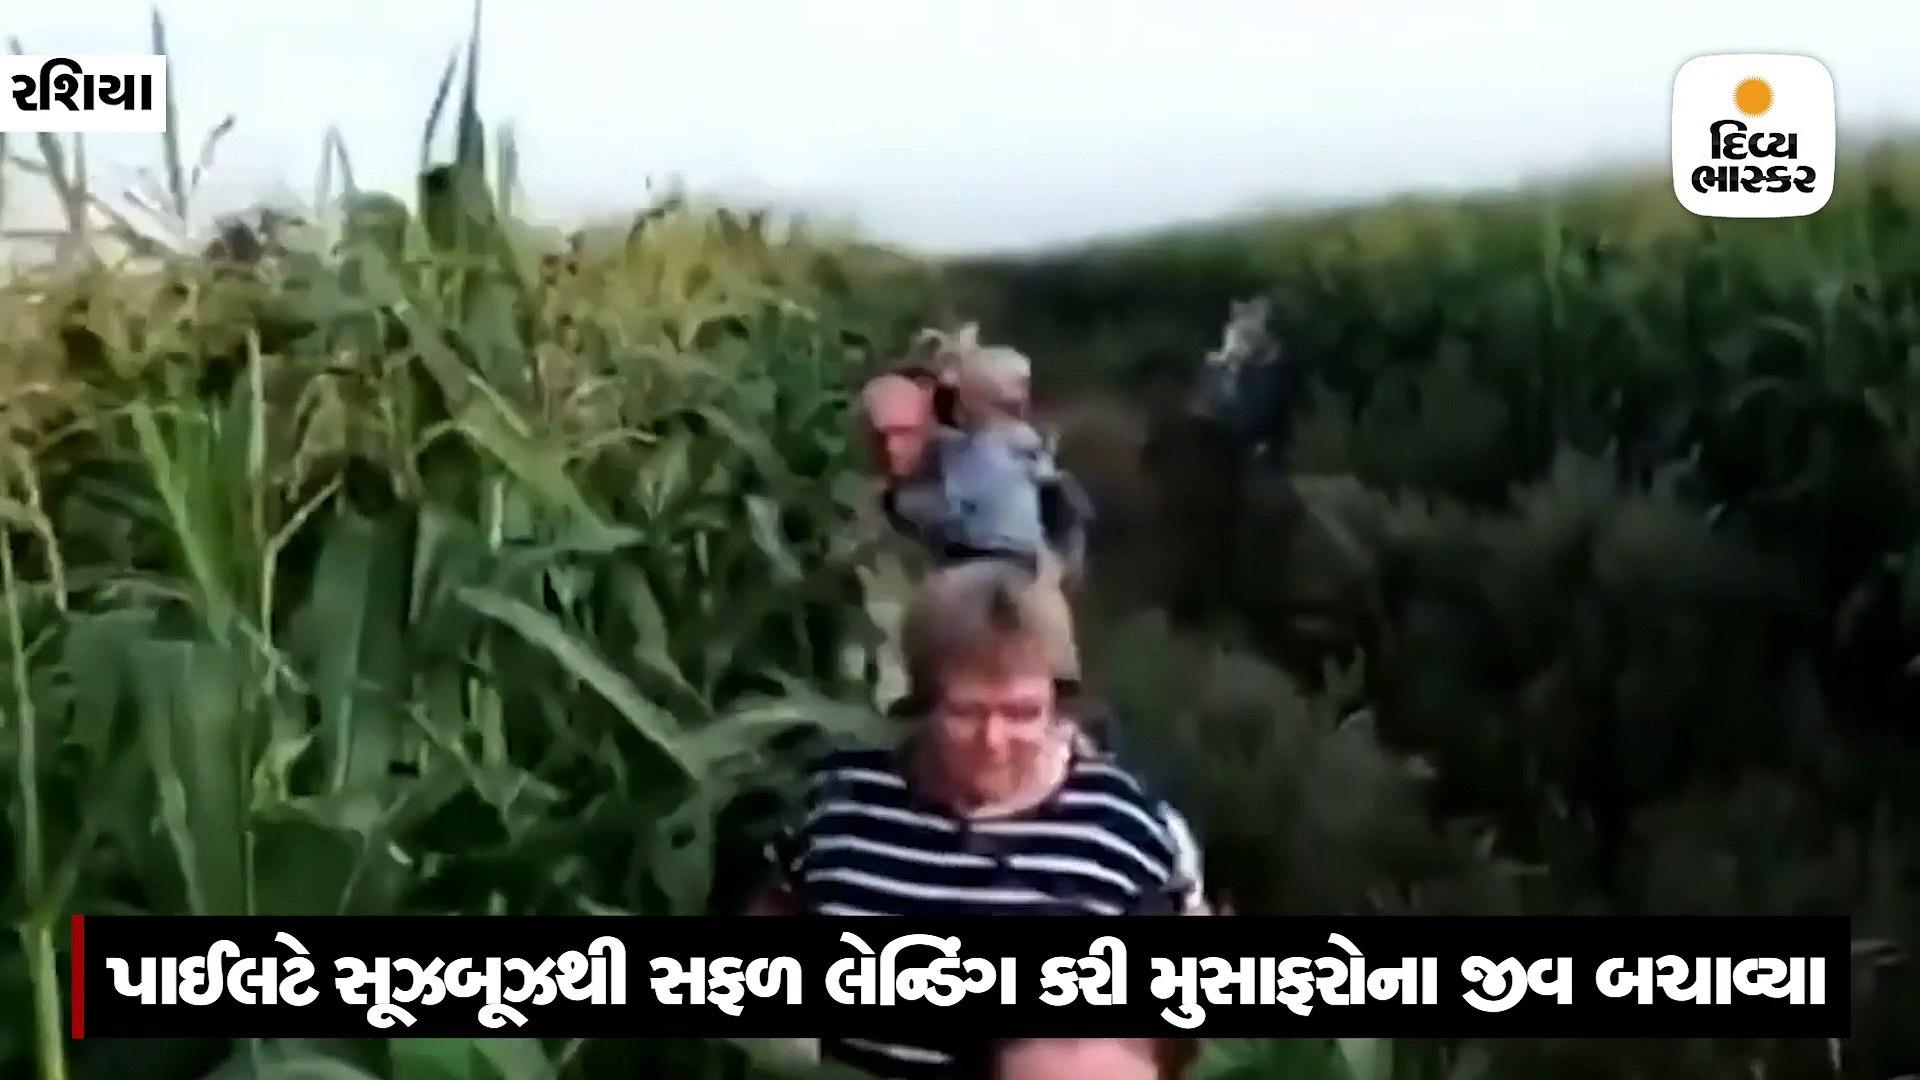 મકાઈના ખેતરમાં વિમાનનું ઈમરજન્સી લેન્ડિંગ કરીને 230 મુસાફરોને બચાવવામાં આવ્યા